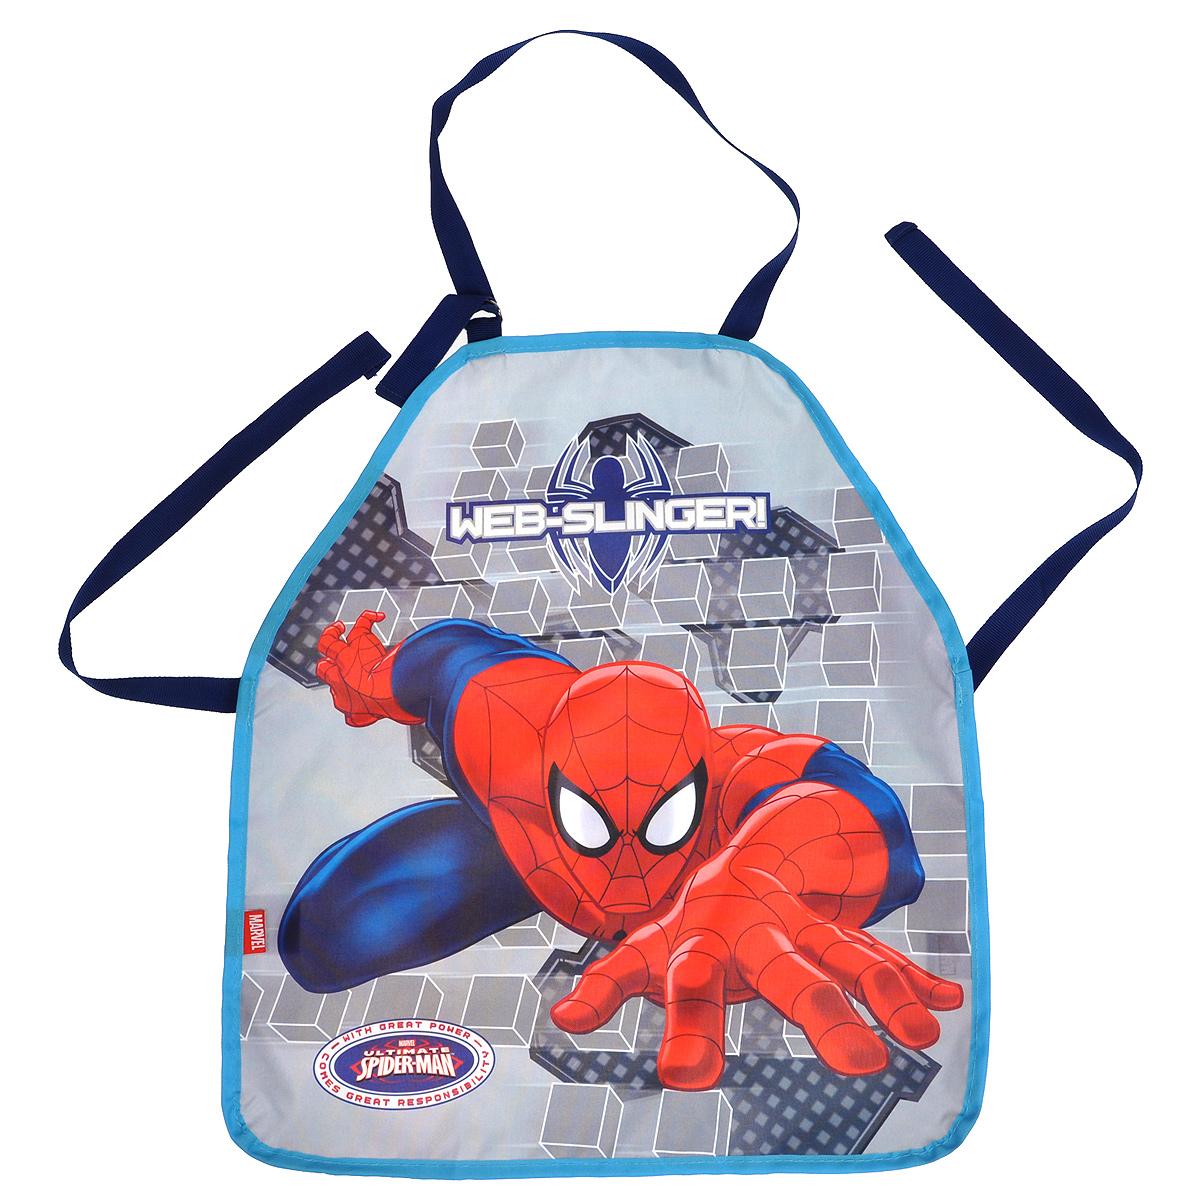 Фартук Размер 51 х 44 см. Spider-man Classic. Размер упаковки: 27 х 16,5 х 0,5 см.7211-19Детский фартук – очень полезный аксессуар для занятий творчеством в детском садуи уроков труда в начальнойшколе. Практичные и красочные, они порадуют своих юных хозяев и их родителей. Цвет: серый. Поверхность: . Упаковка: Пакет.